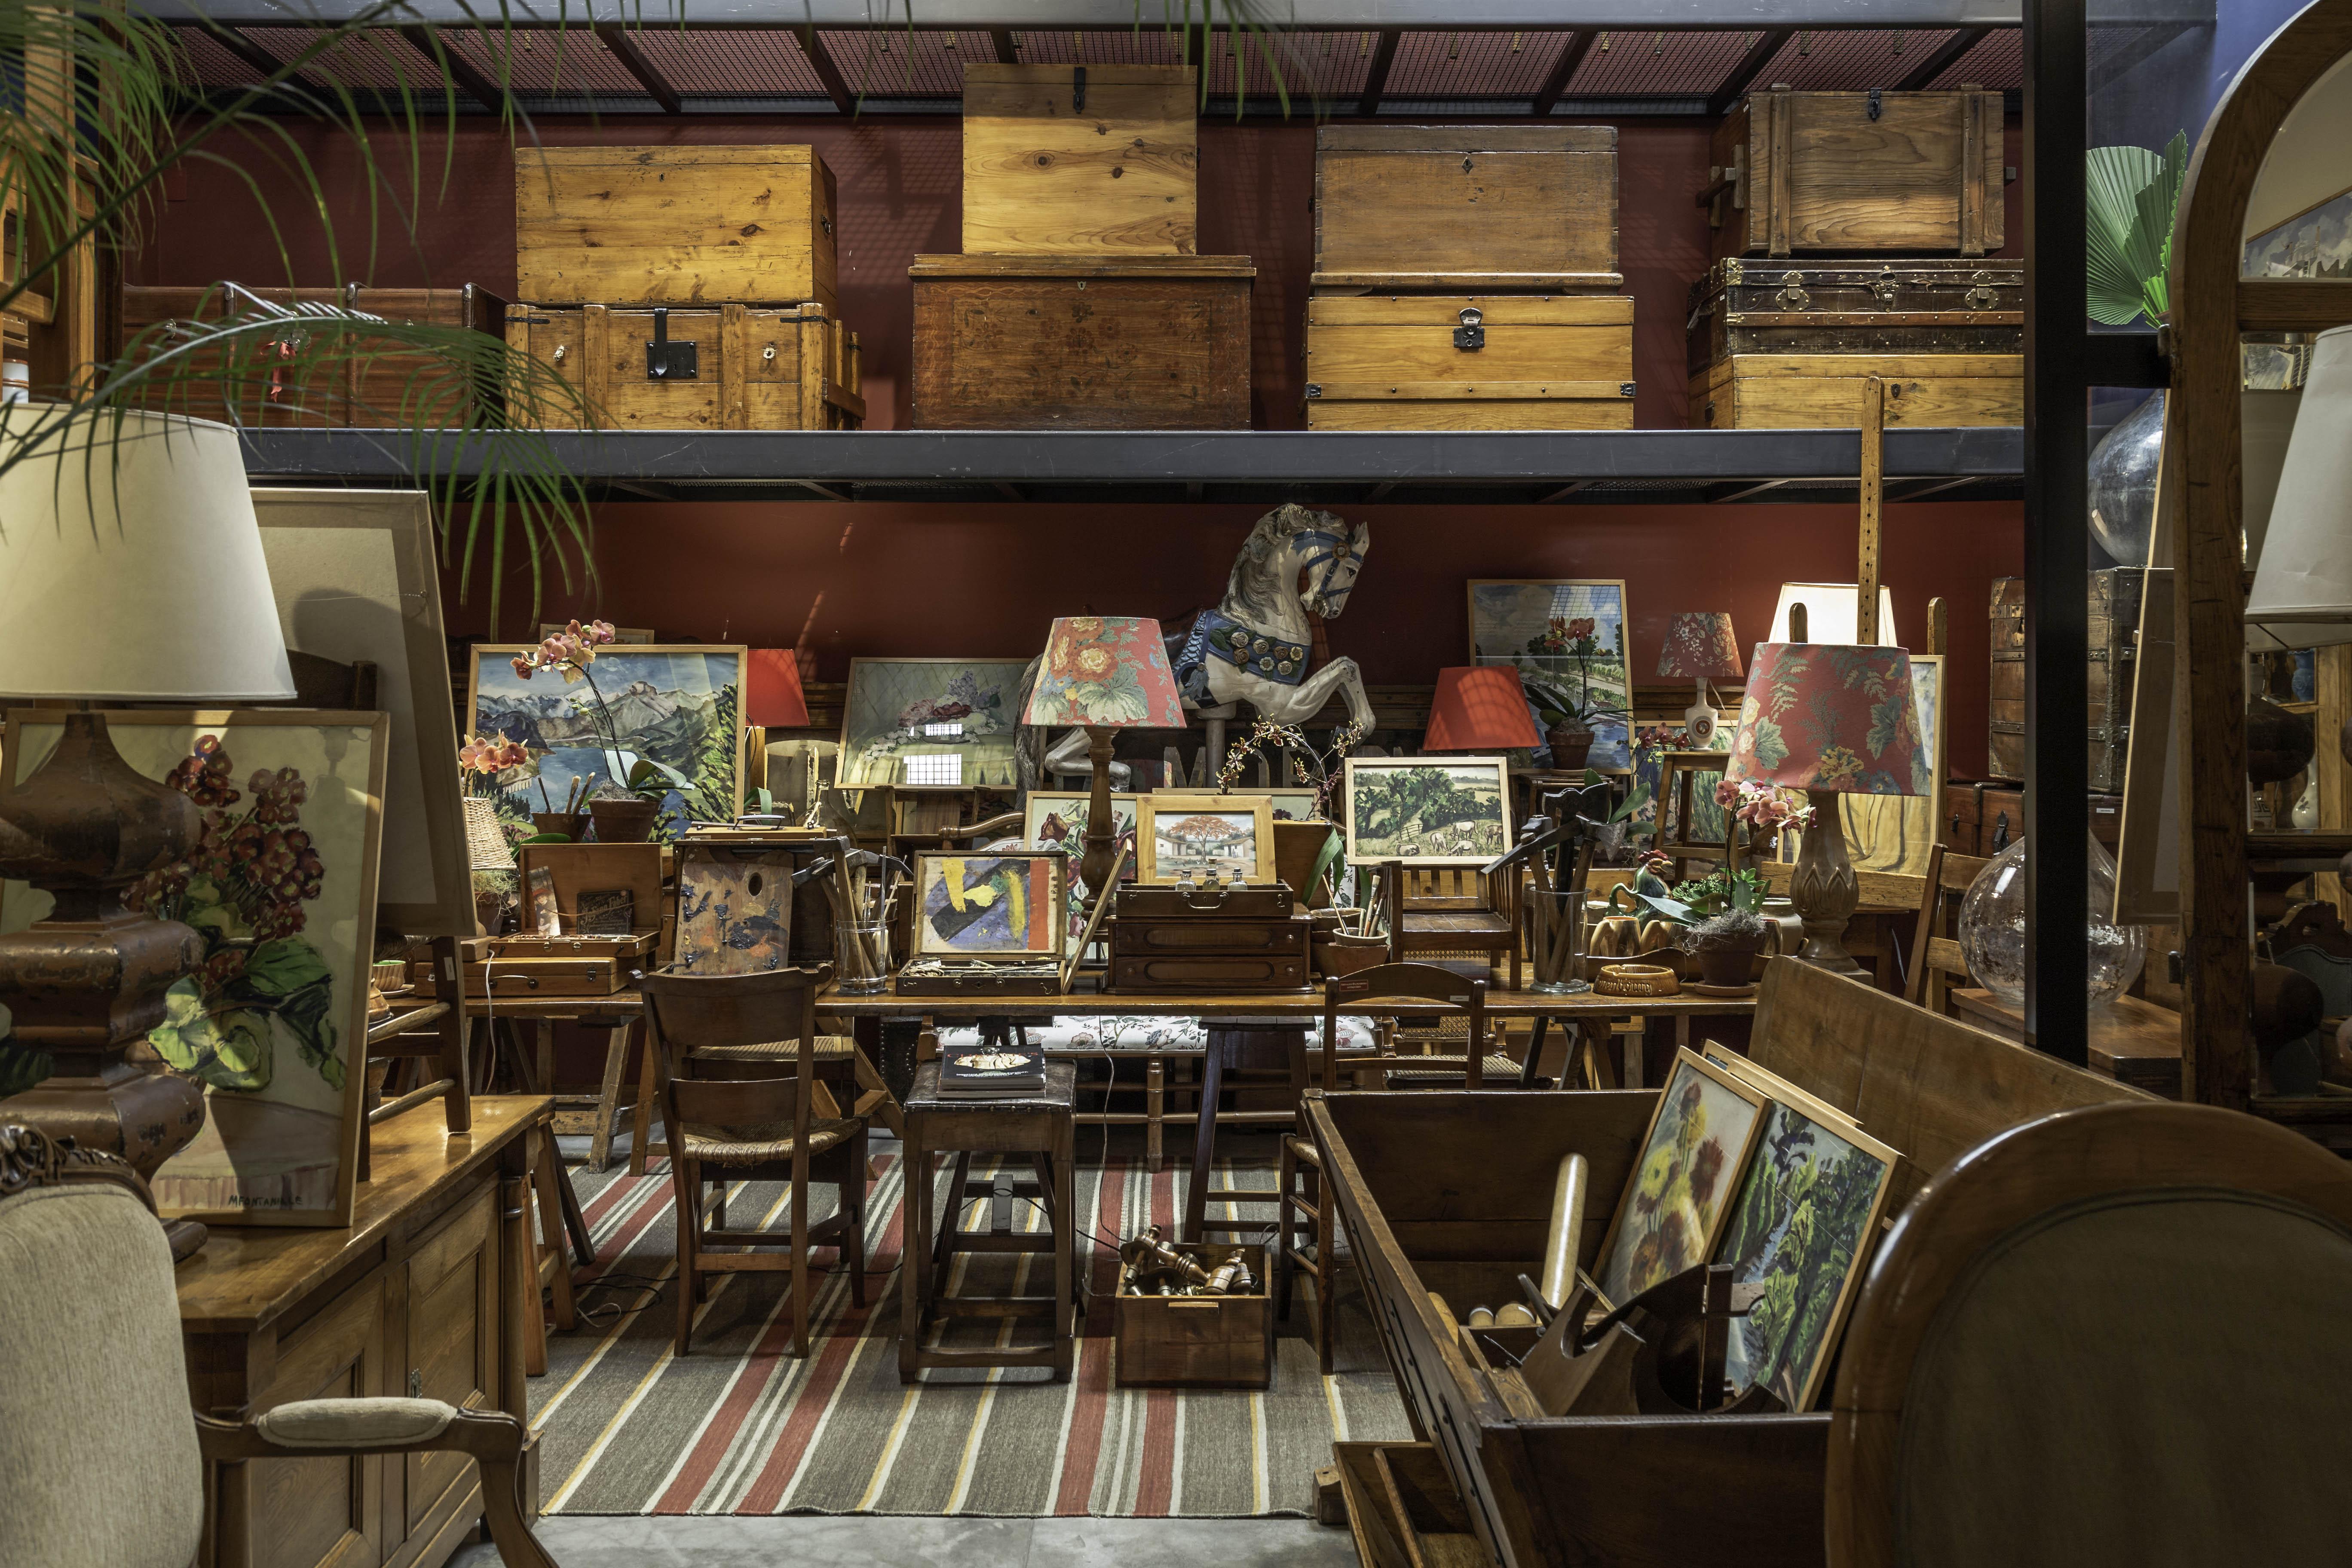 Espaço de antiquário exibe mesas e cadeiras de madeira escura, baús e um grande tapete.